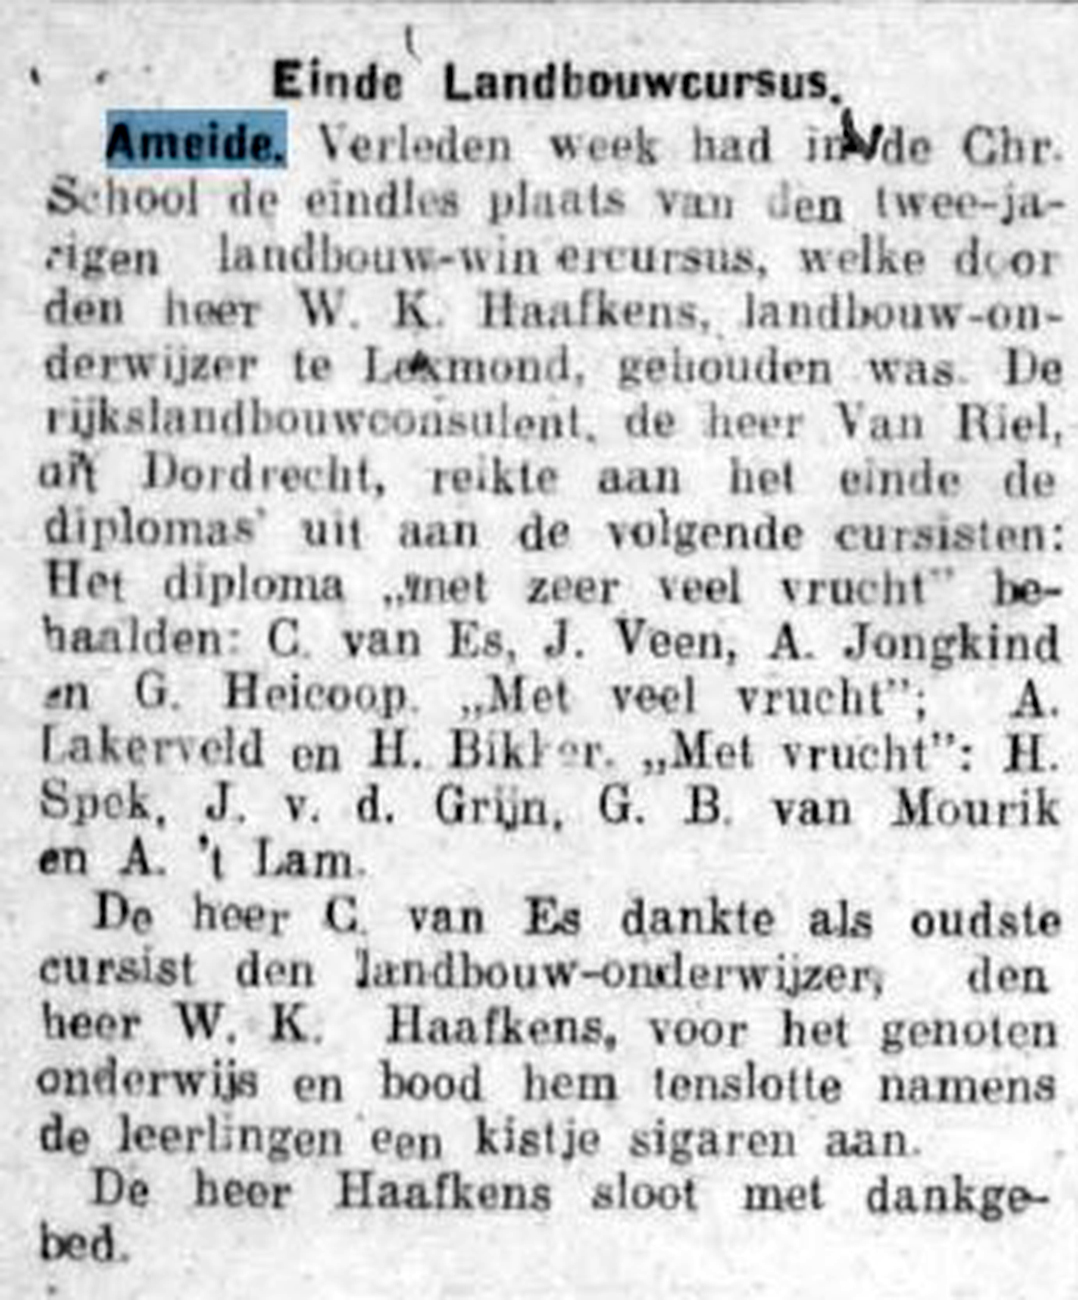 Schoonhovensche Courant 07788 1937-03-24 artikel 02